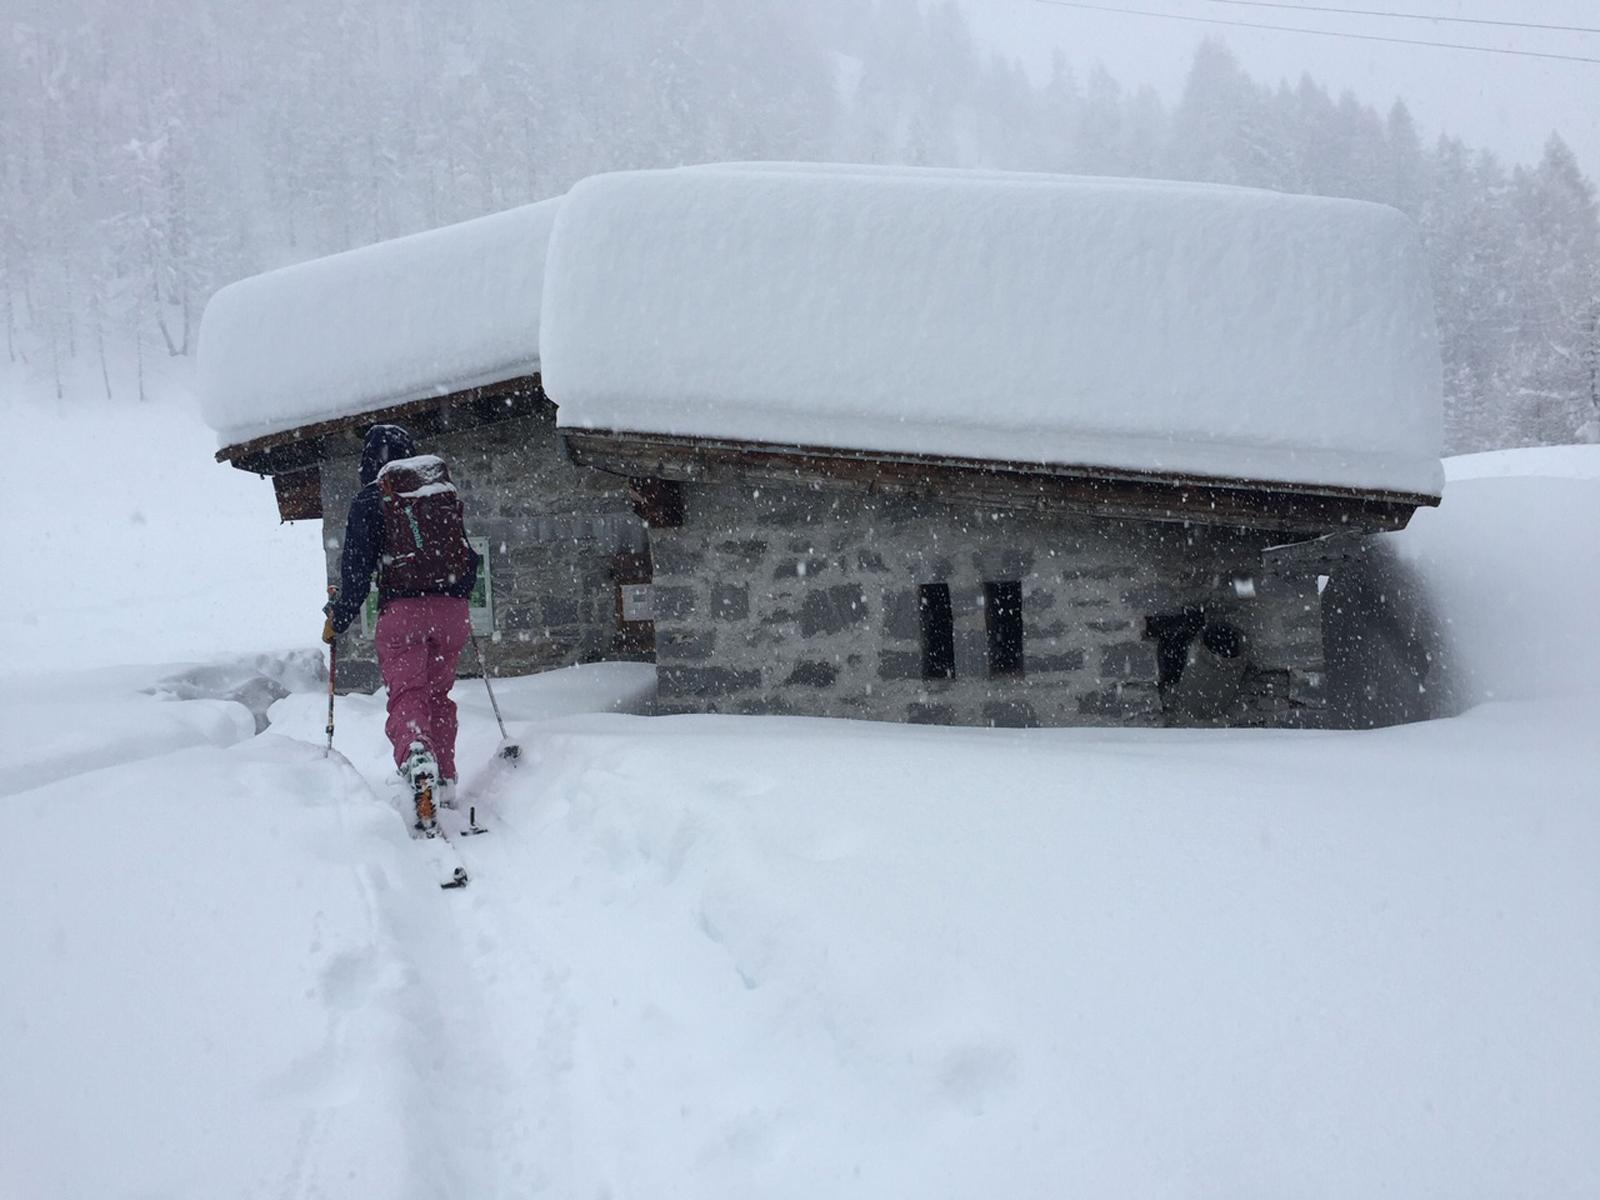 Starke Staulagen im Süden führten mehrfach zu ausgiebigen Schneefällen und neuen Schneerekorden. Eindrückliche Schneehöhe auf der Alpe di Valleggia im Val Bedretto, Tessin. Foto: T. Schneidt/17.11.2019